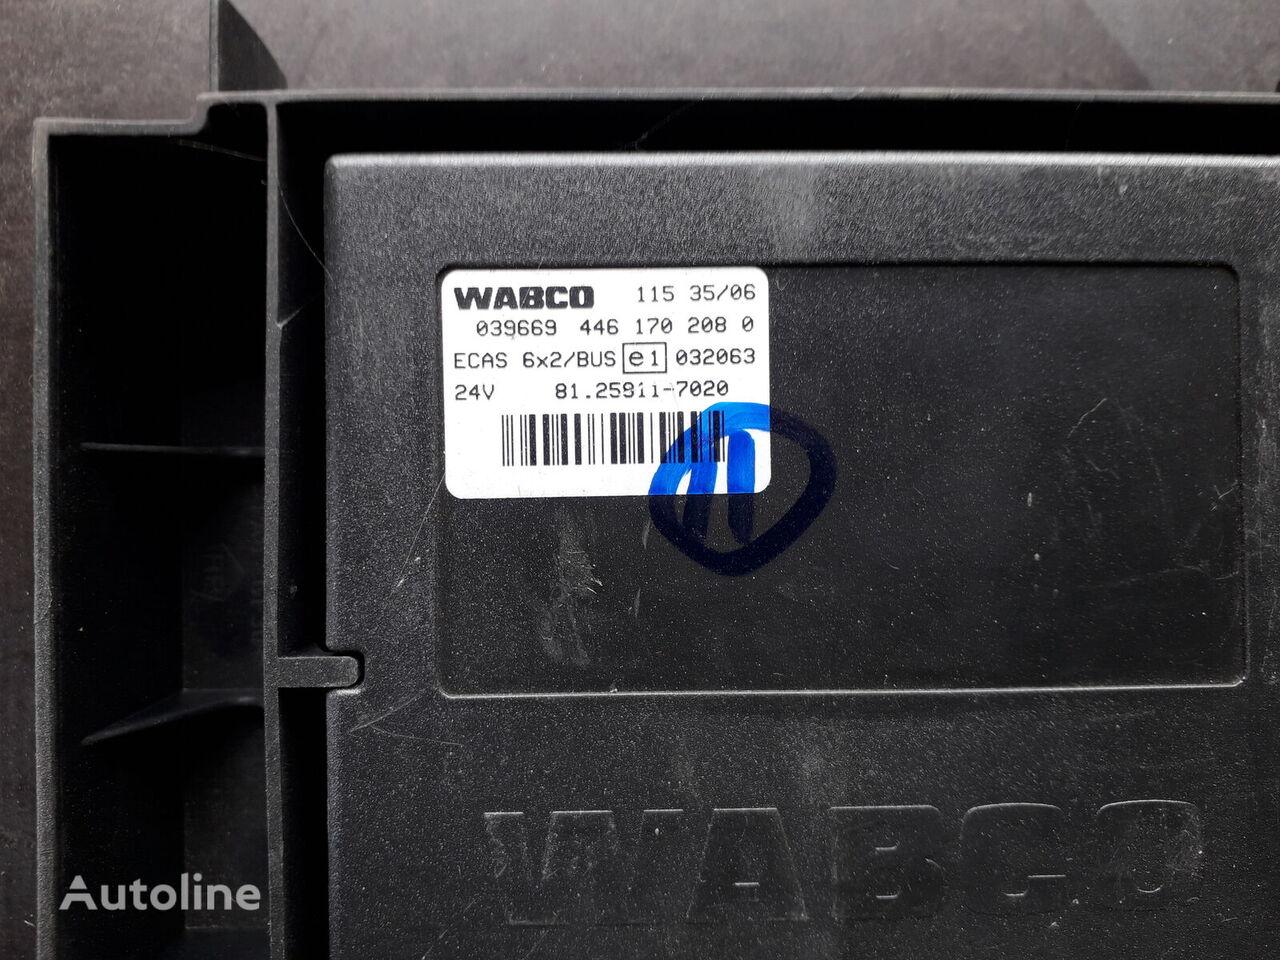 WABCO pidviskoyu 6 h 2 (81.25811.7020) control unit for MAN TGA 26.430 tractor unit